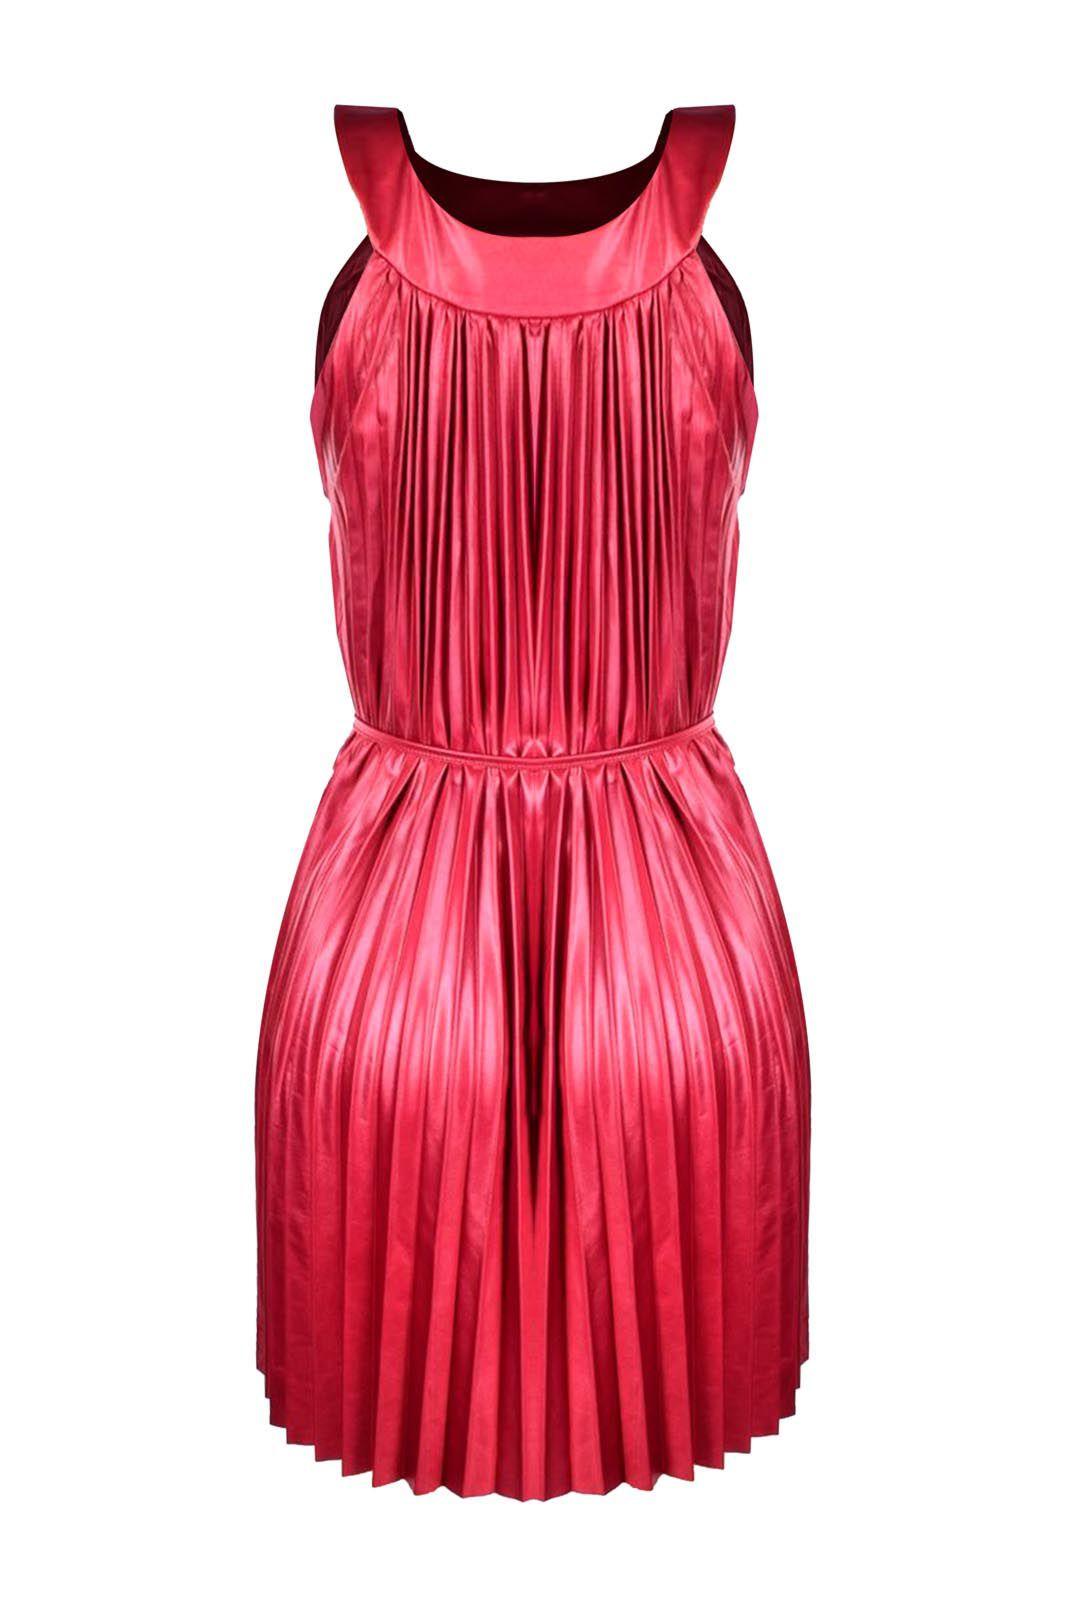 Vestido Outlet Dri Plissado Forrado Alcinha Gola Fechada Tiras Cintura Vermelho